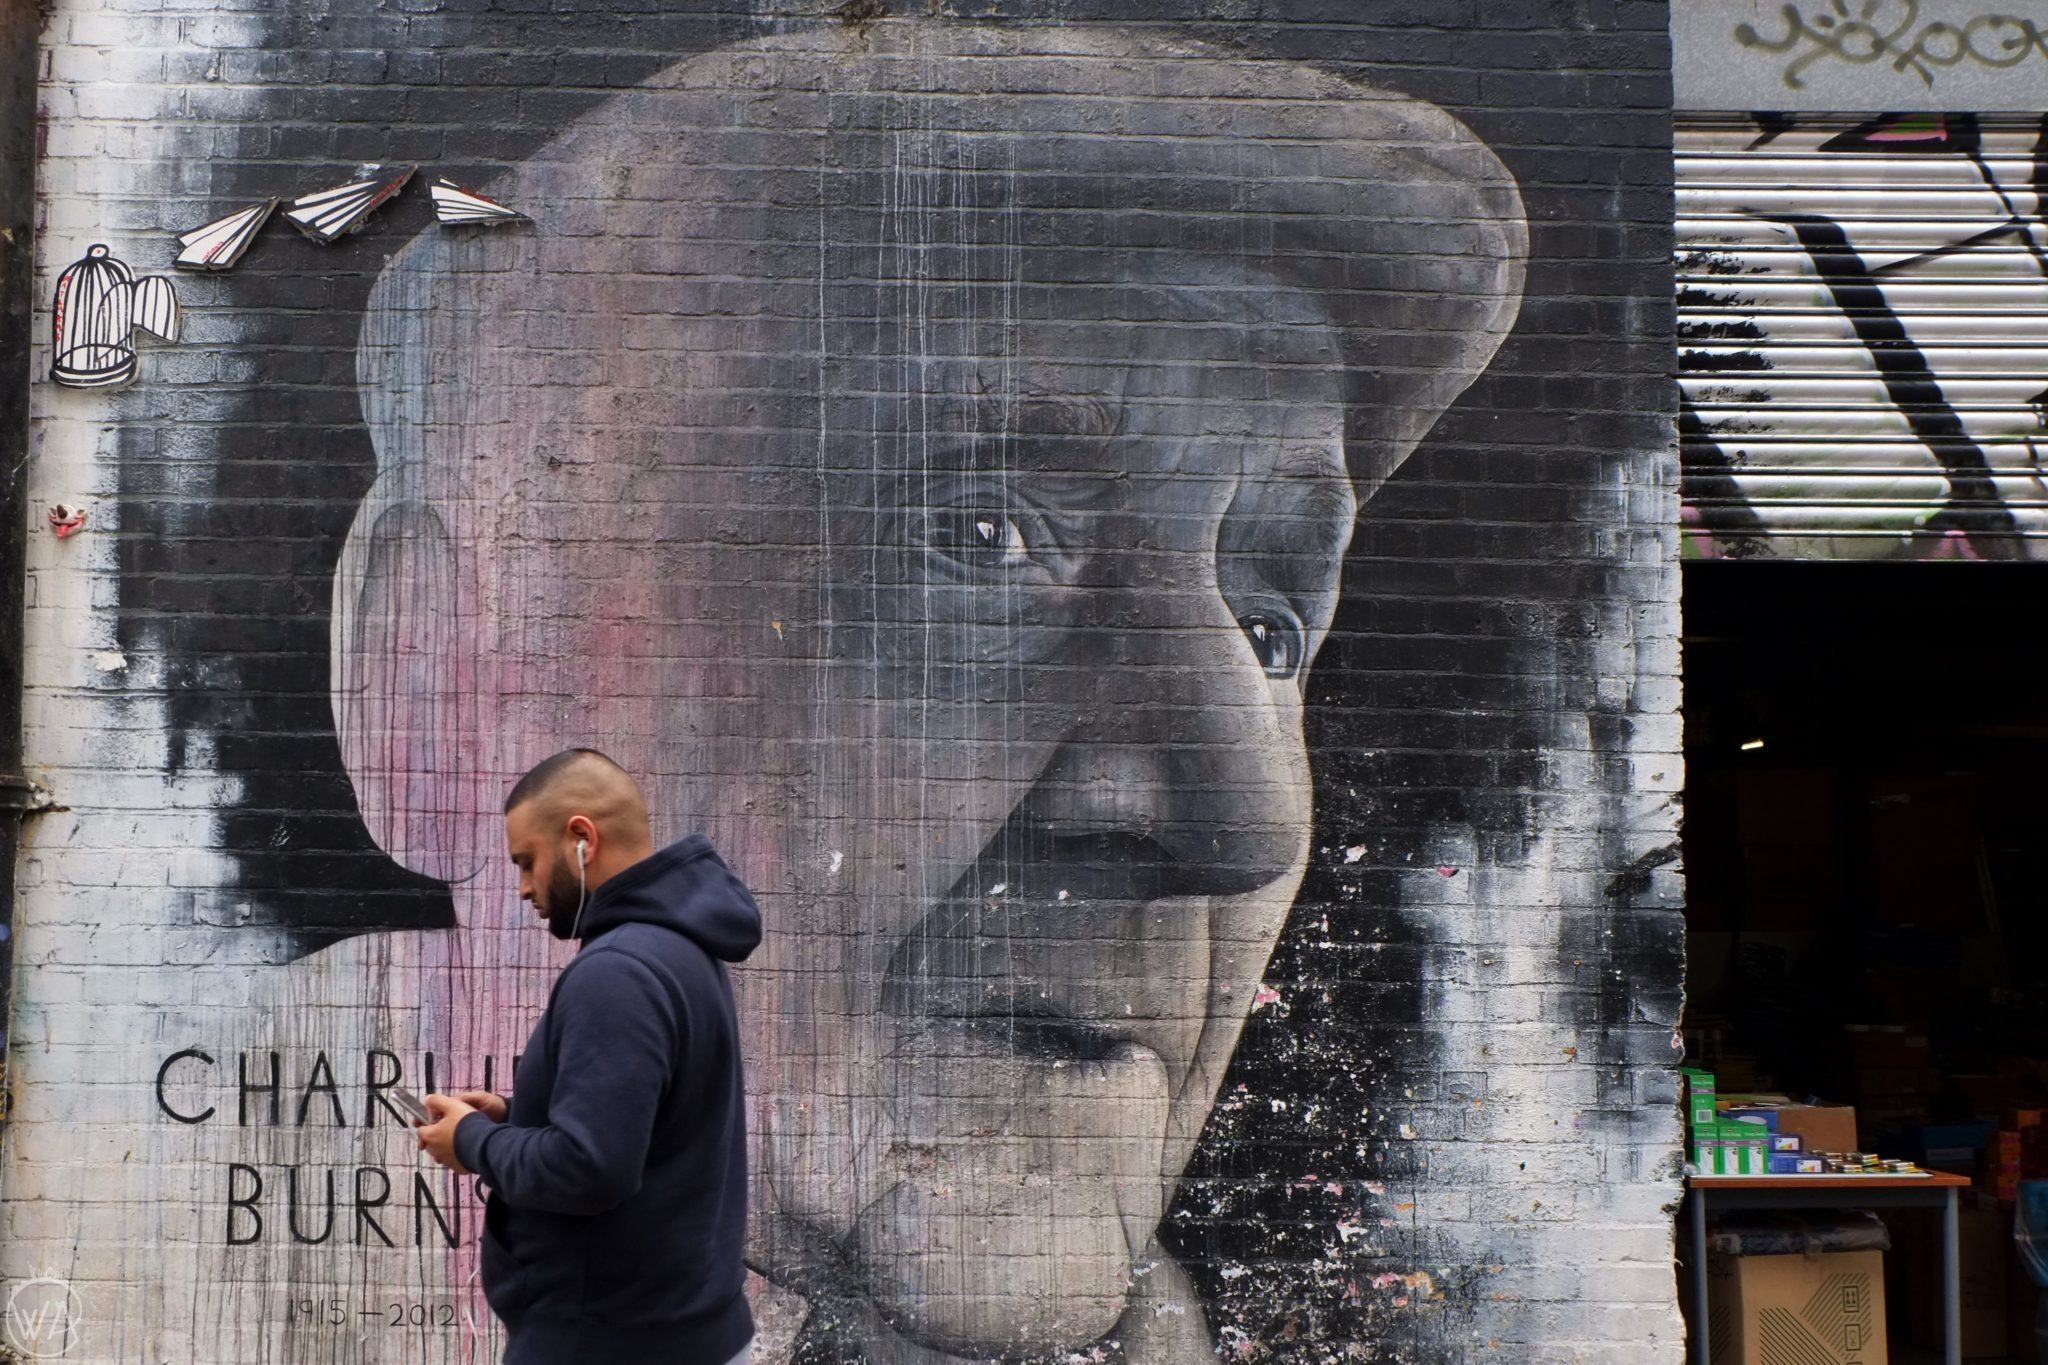 Charlie Burns, Brick Lane, London